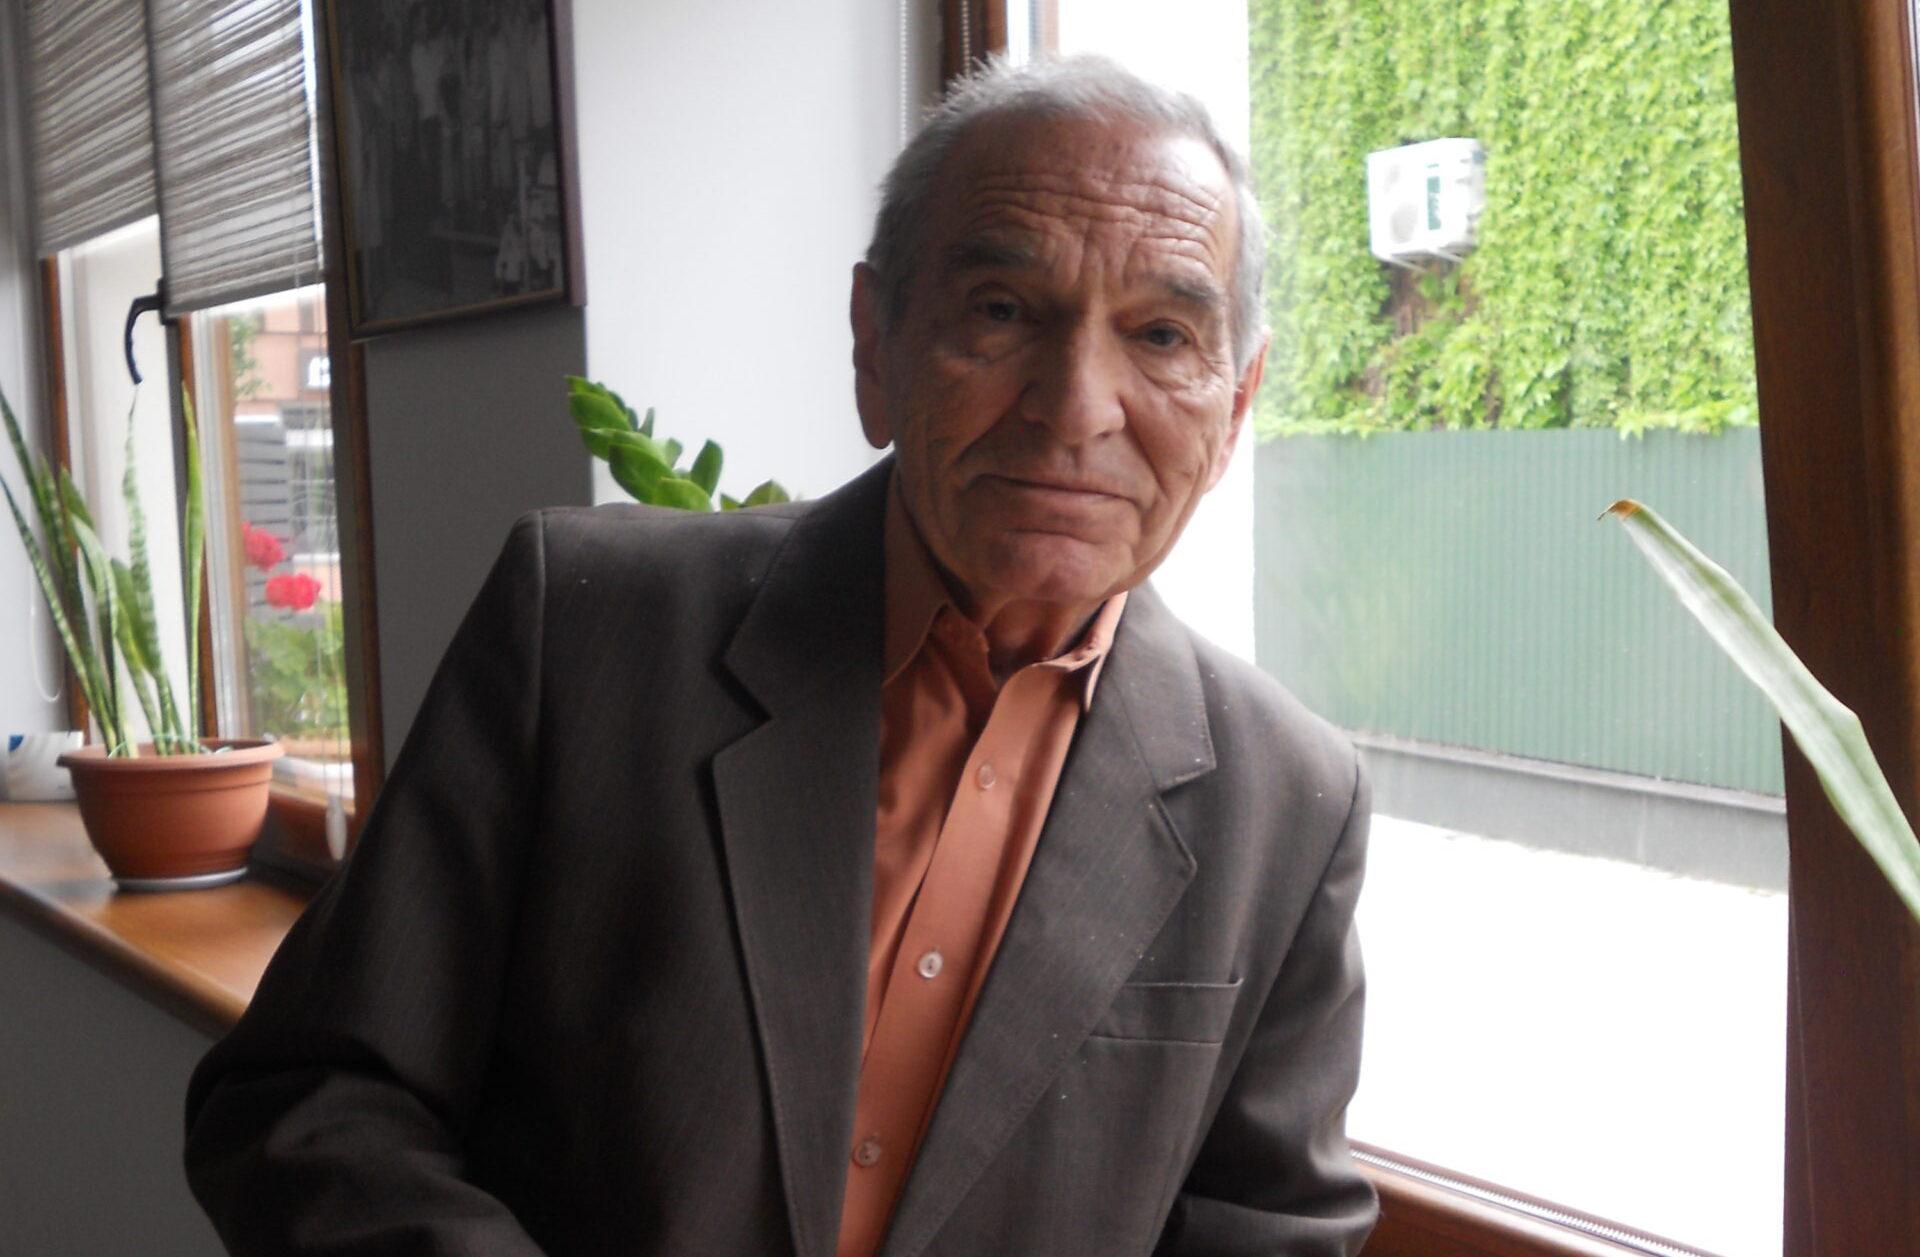 Ádámcsó Nesztor hetvenhetedik évét tapossa. S ugyan nyugdíjas mindennapjai ma már szülőföldjén telnek, a sors úgy hozta, hogy élete legnagyobb részét Kárpátaljától távol, az ország keleti felén, a messzi Luhanszk megyében töltötte.